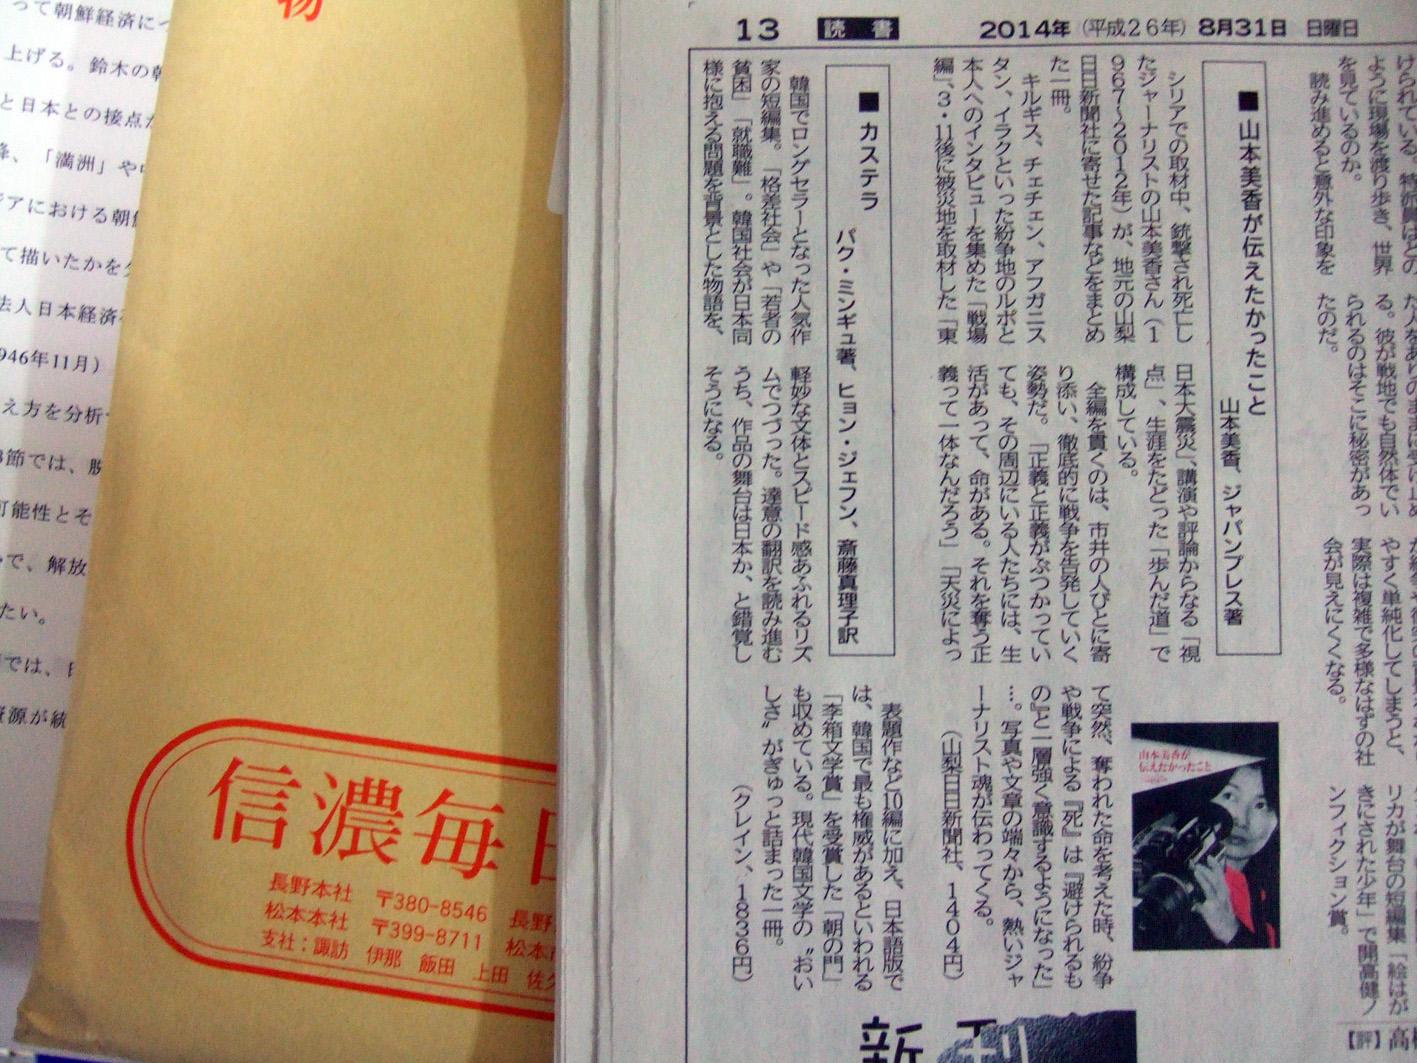 2014年8月31日『信濃毎日新聞』書評欄の「カステラ」紹介記事